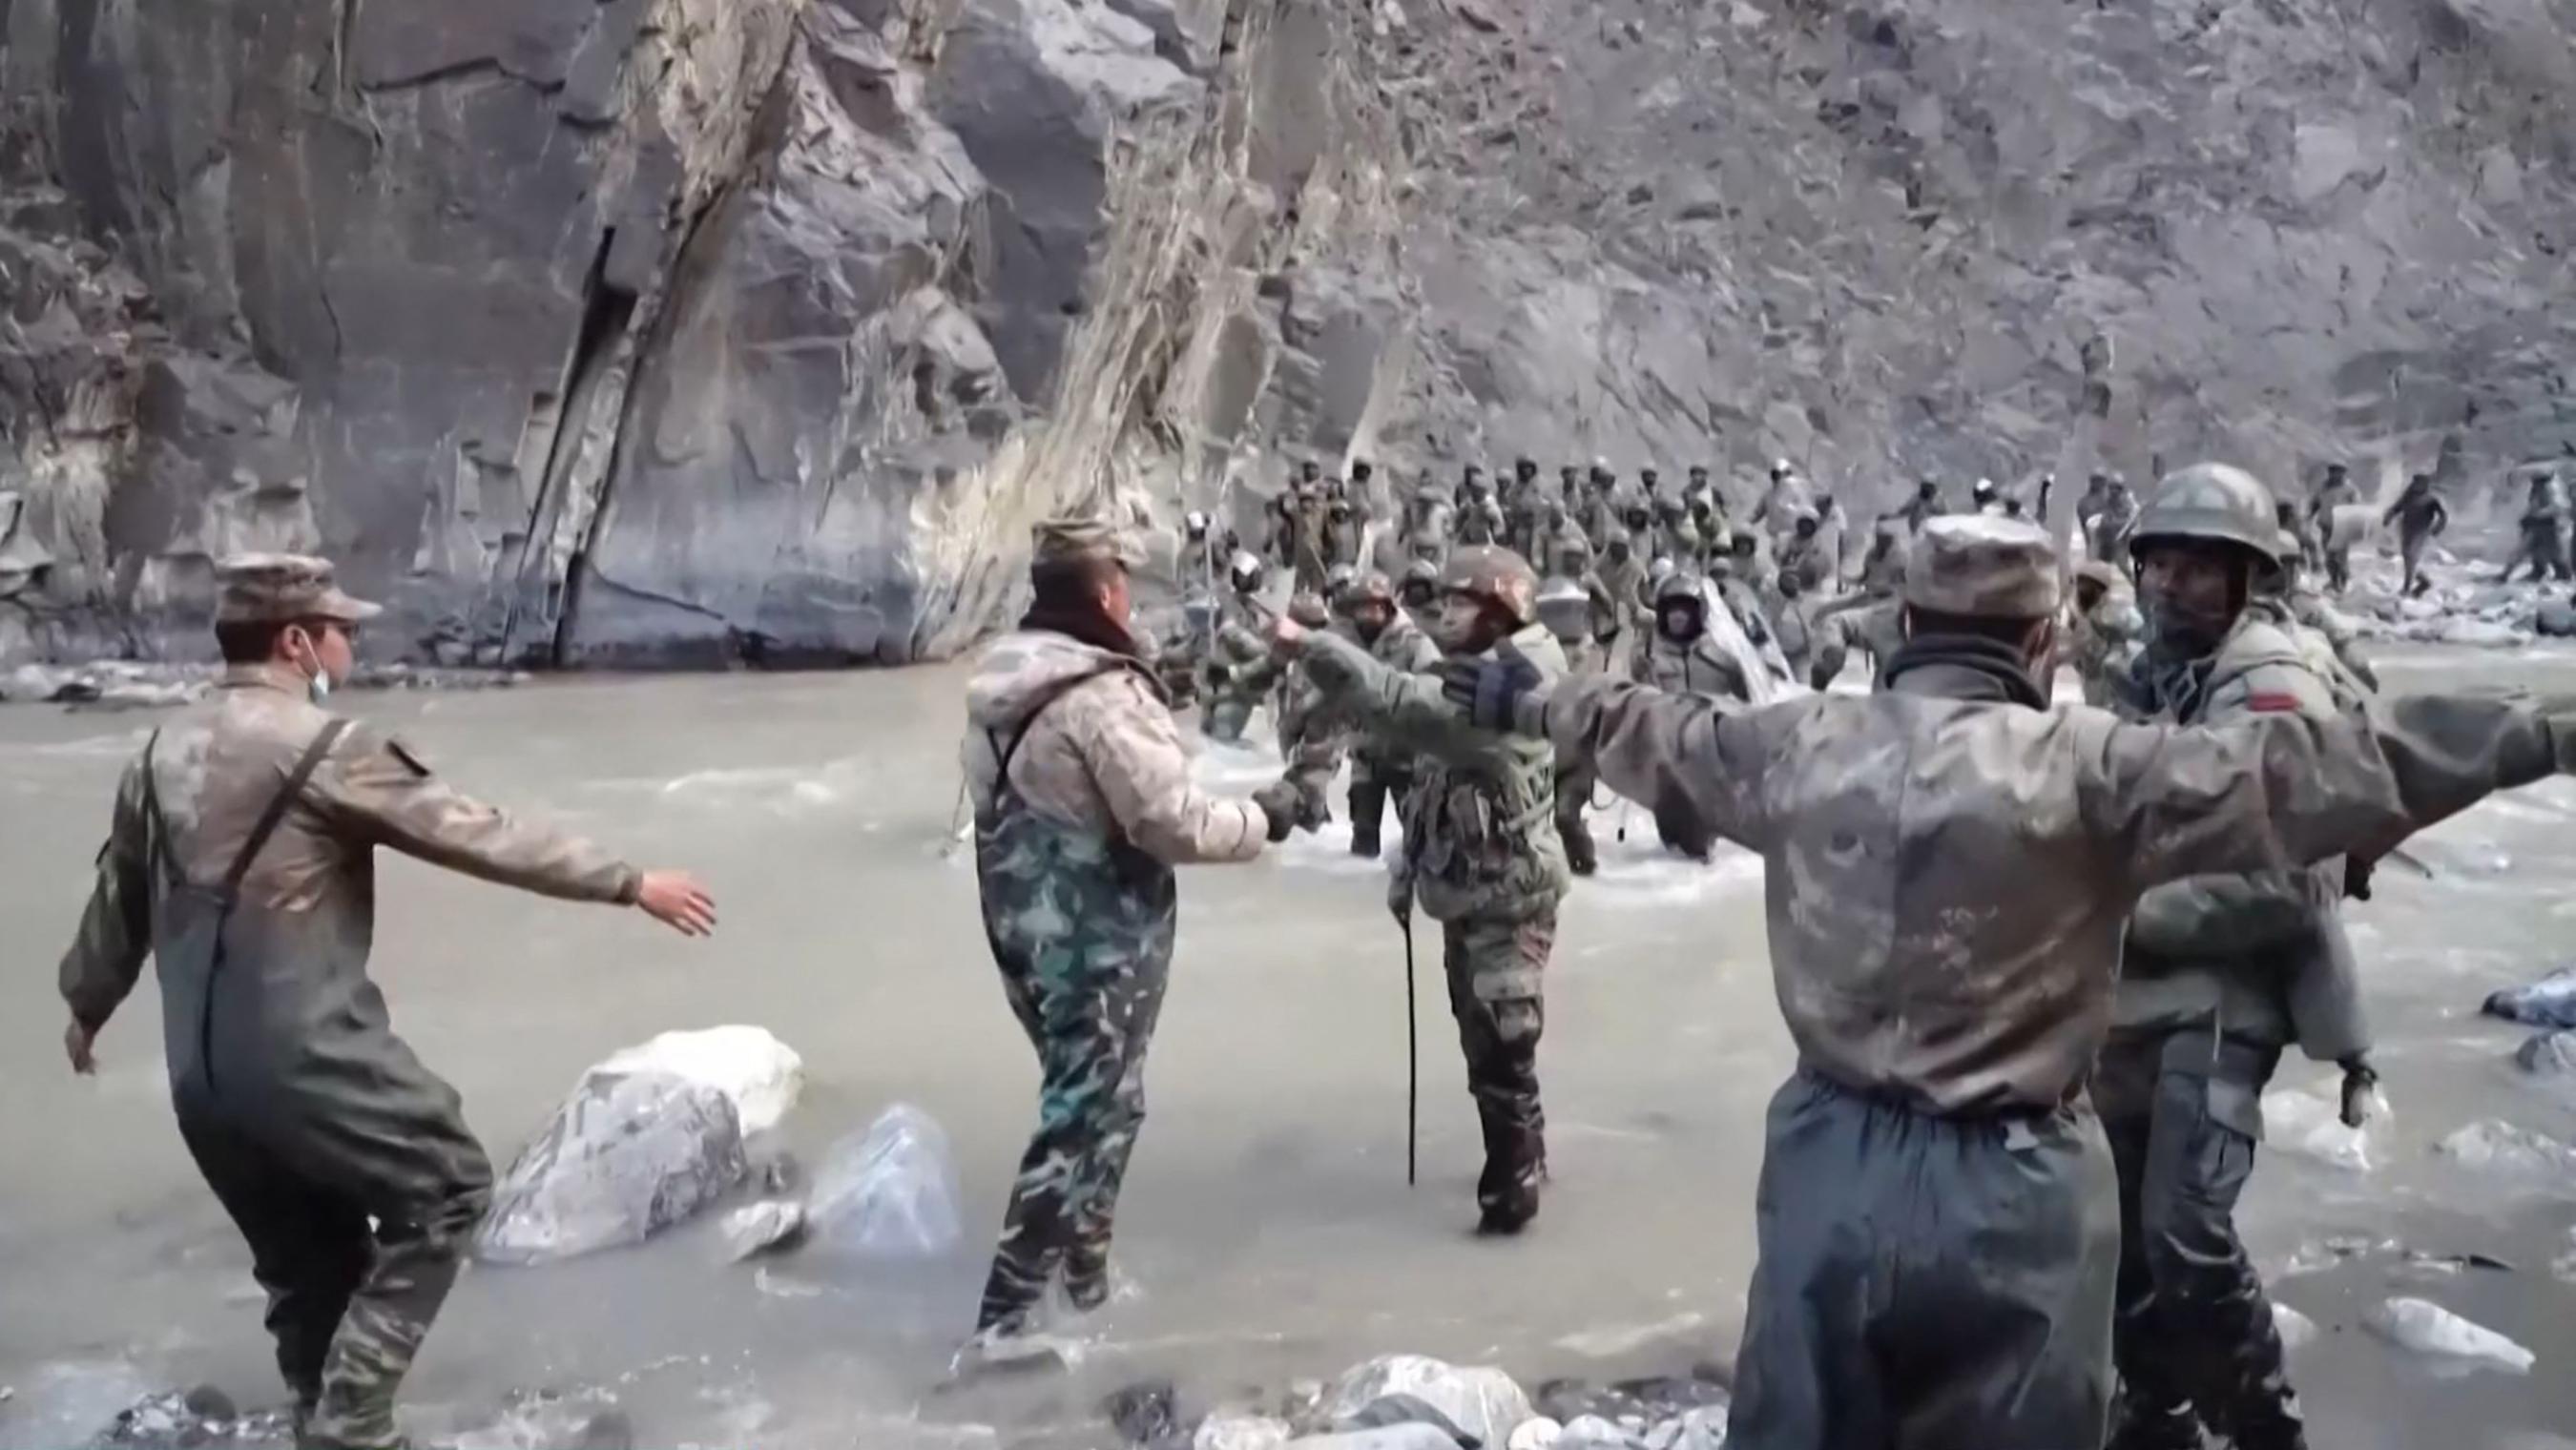 Videófelvétel a kínai és az indai hadsereg gyilkos összecsapásáról